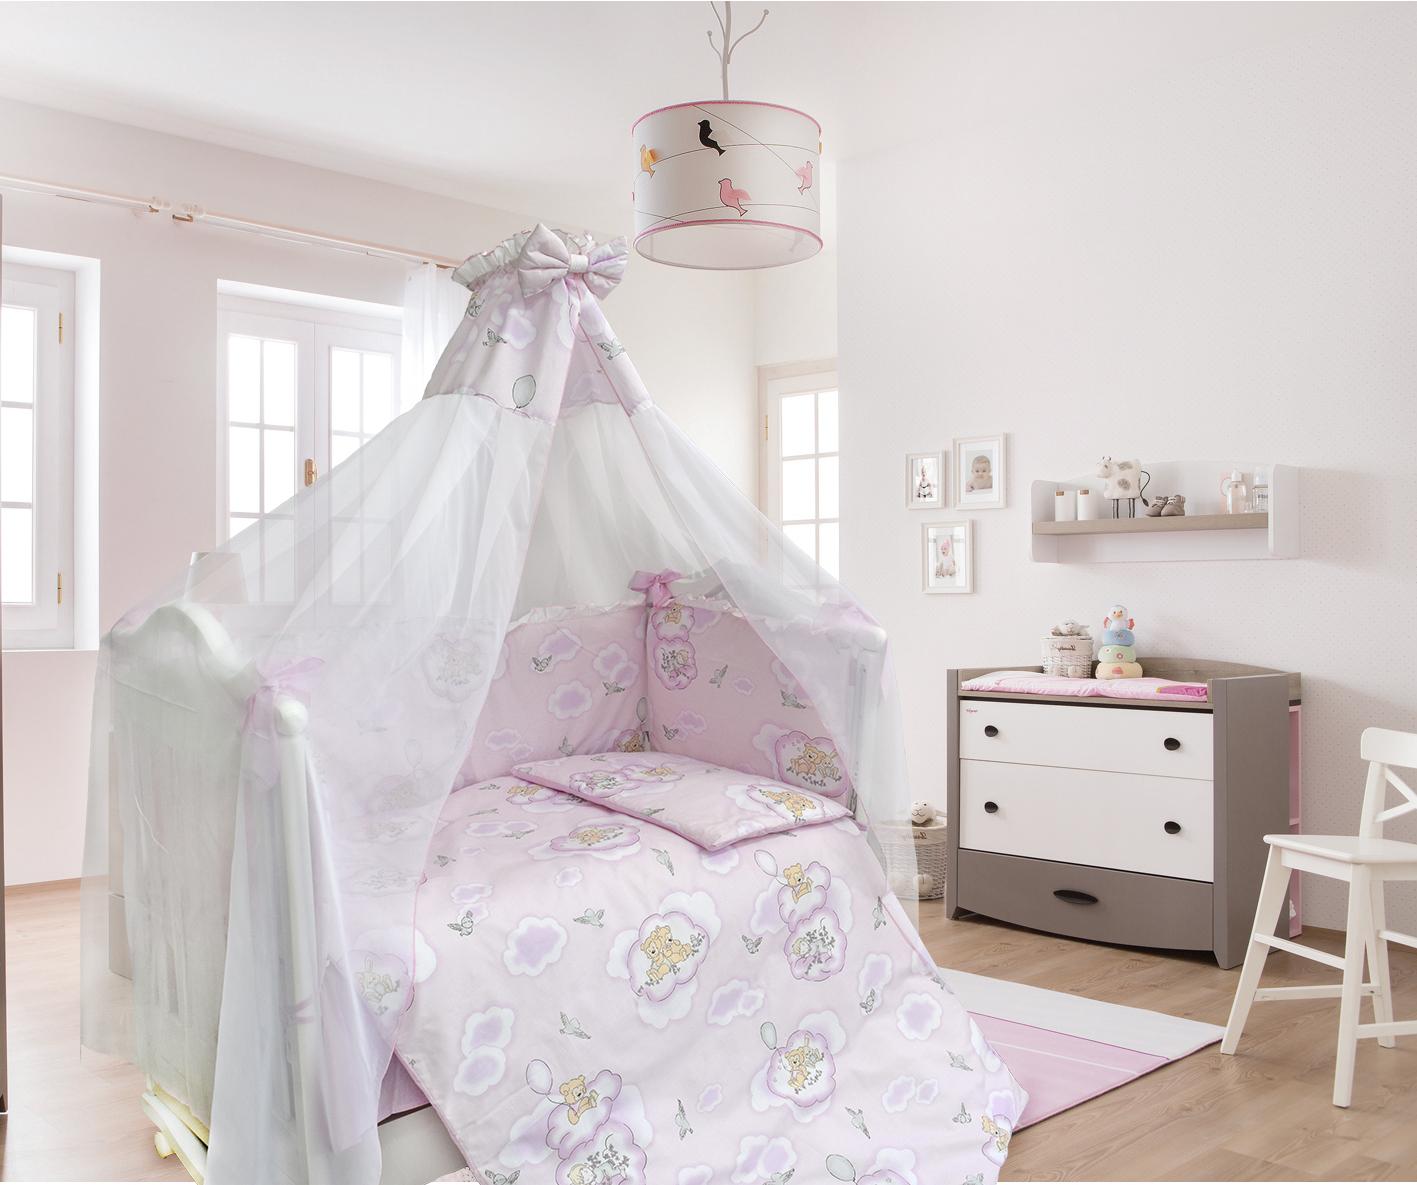 Комплект в кроватку - Сладкий сон, 7 предметов, розовыйДетское постельное белье<br>Комплект в кроватку - Сладкий сон, 7 предметов, розовый<br>